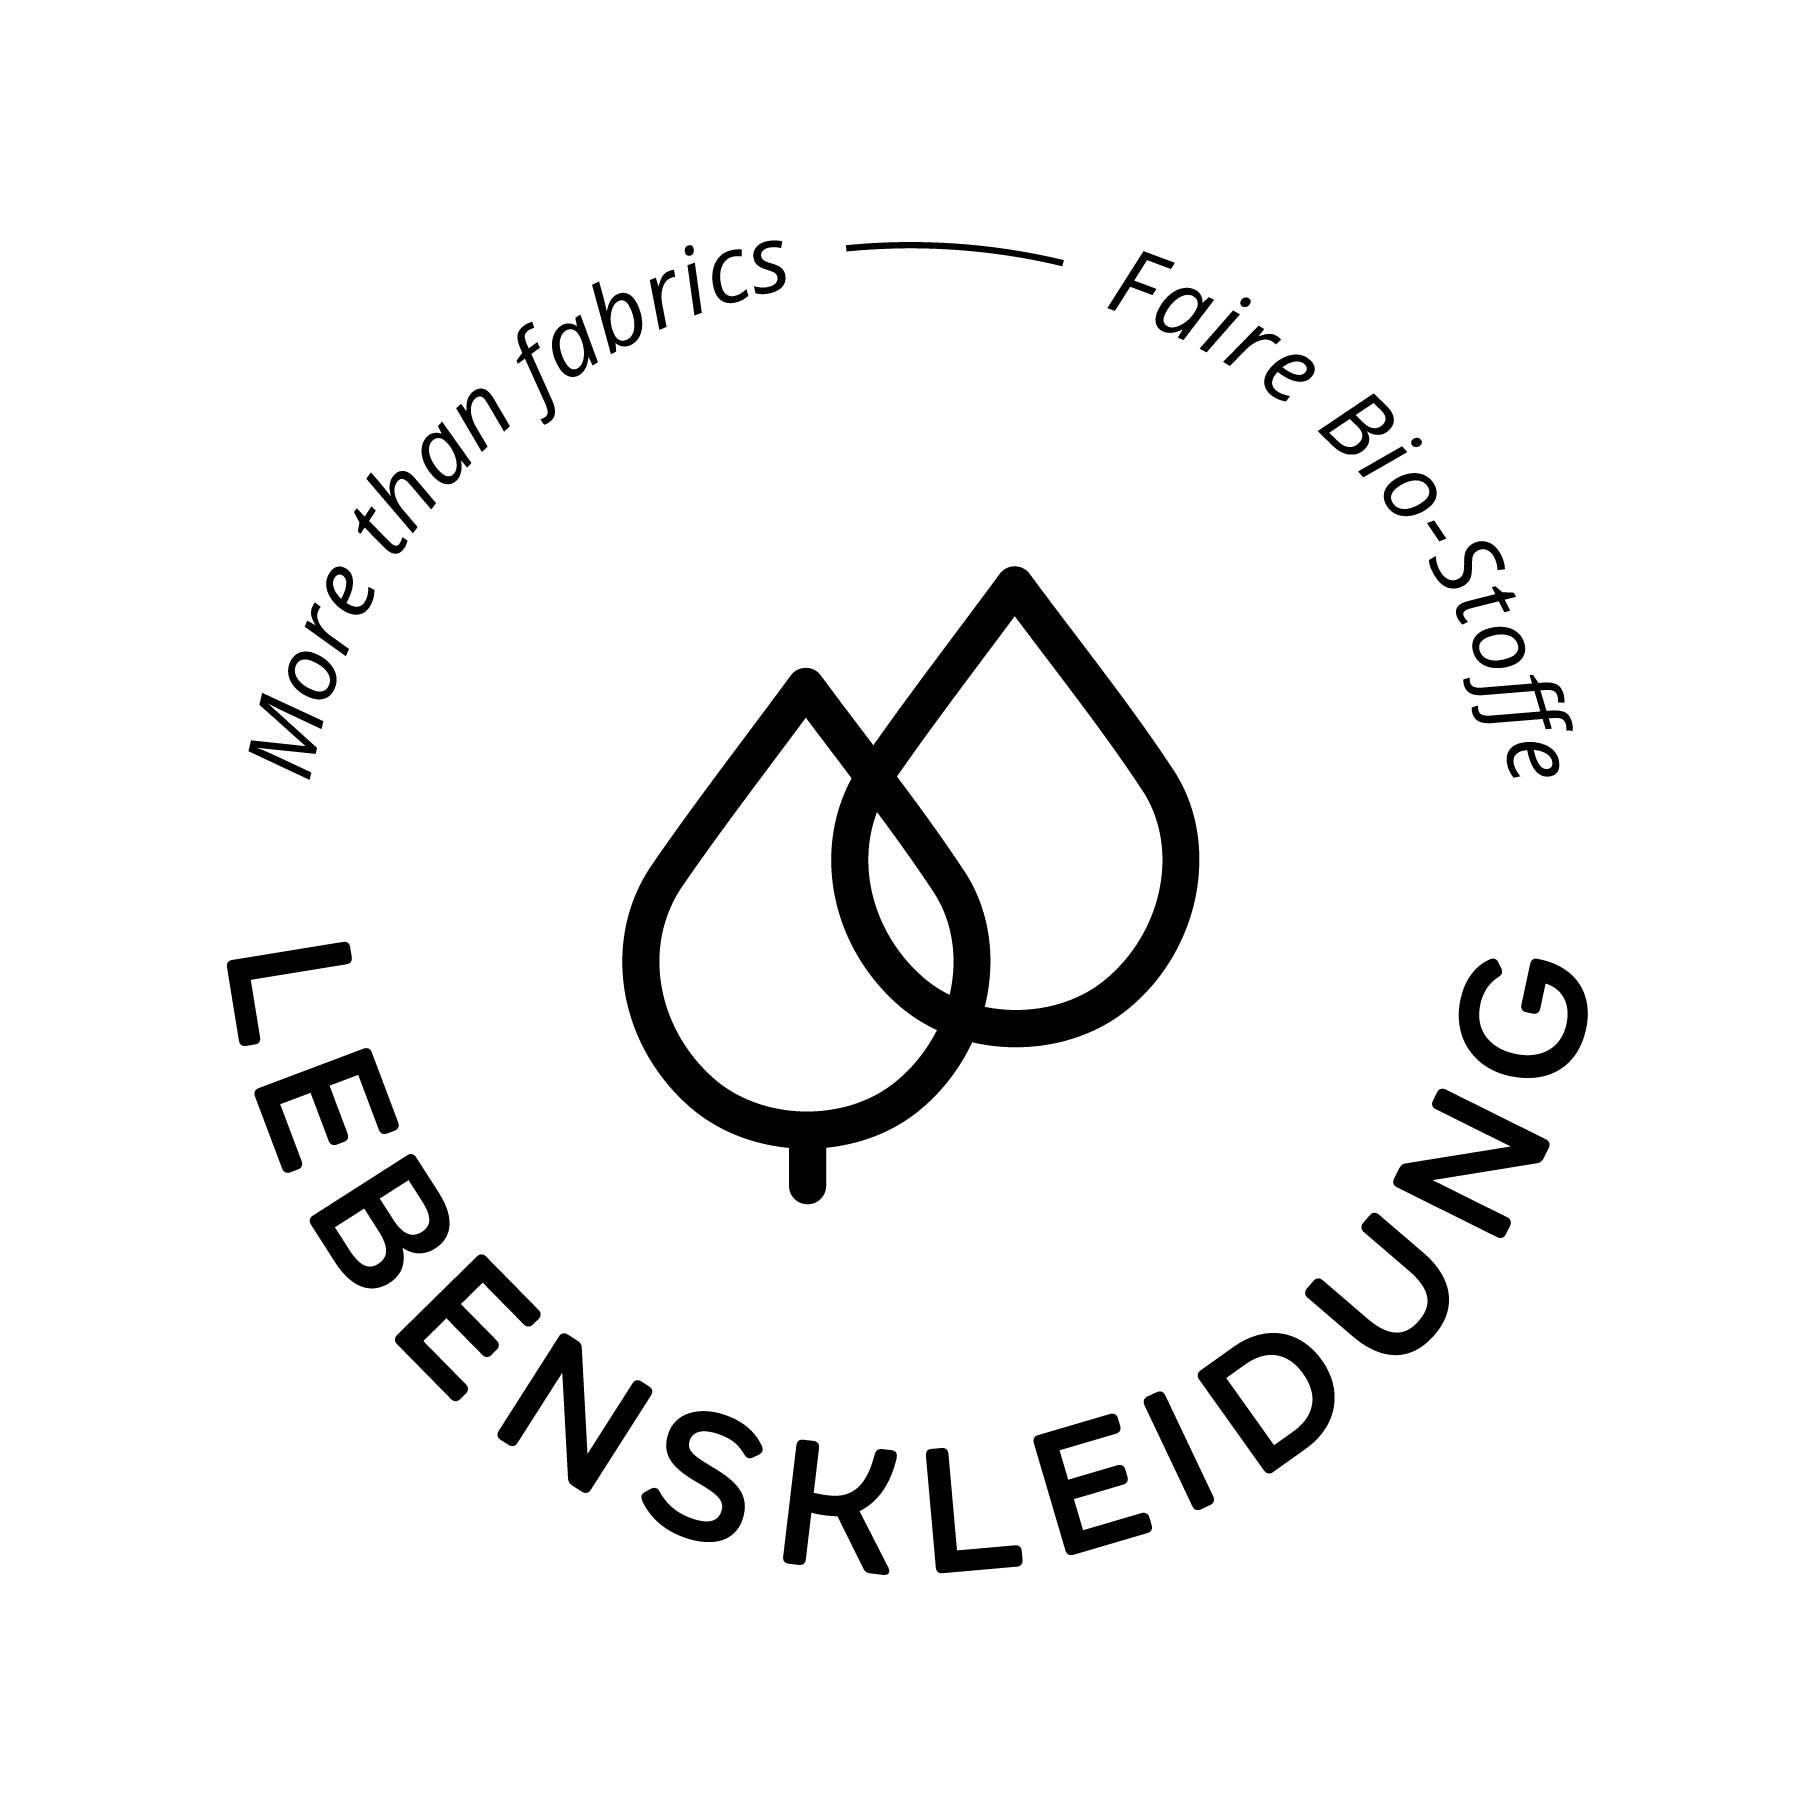 Bio Tissu RIB 2x1 (manchette) - noir grisonnante